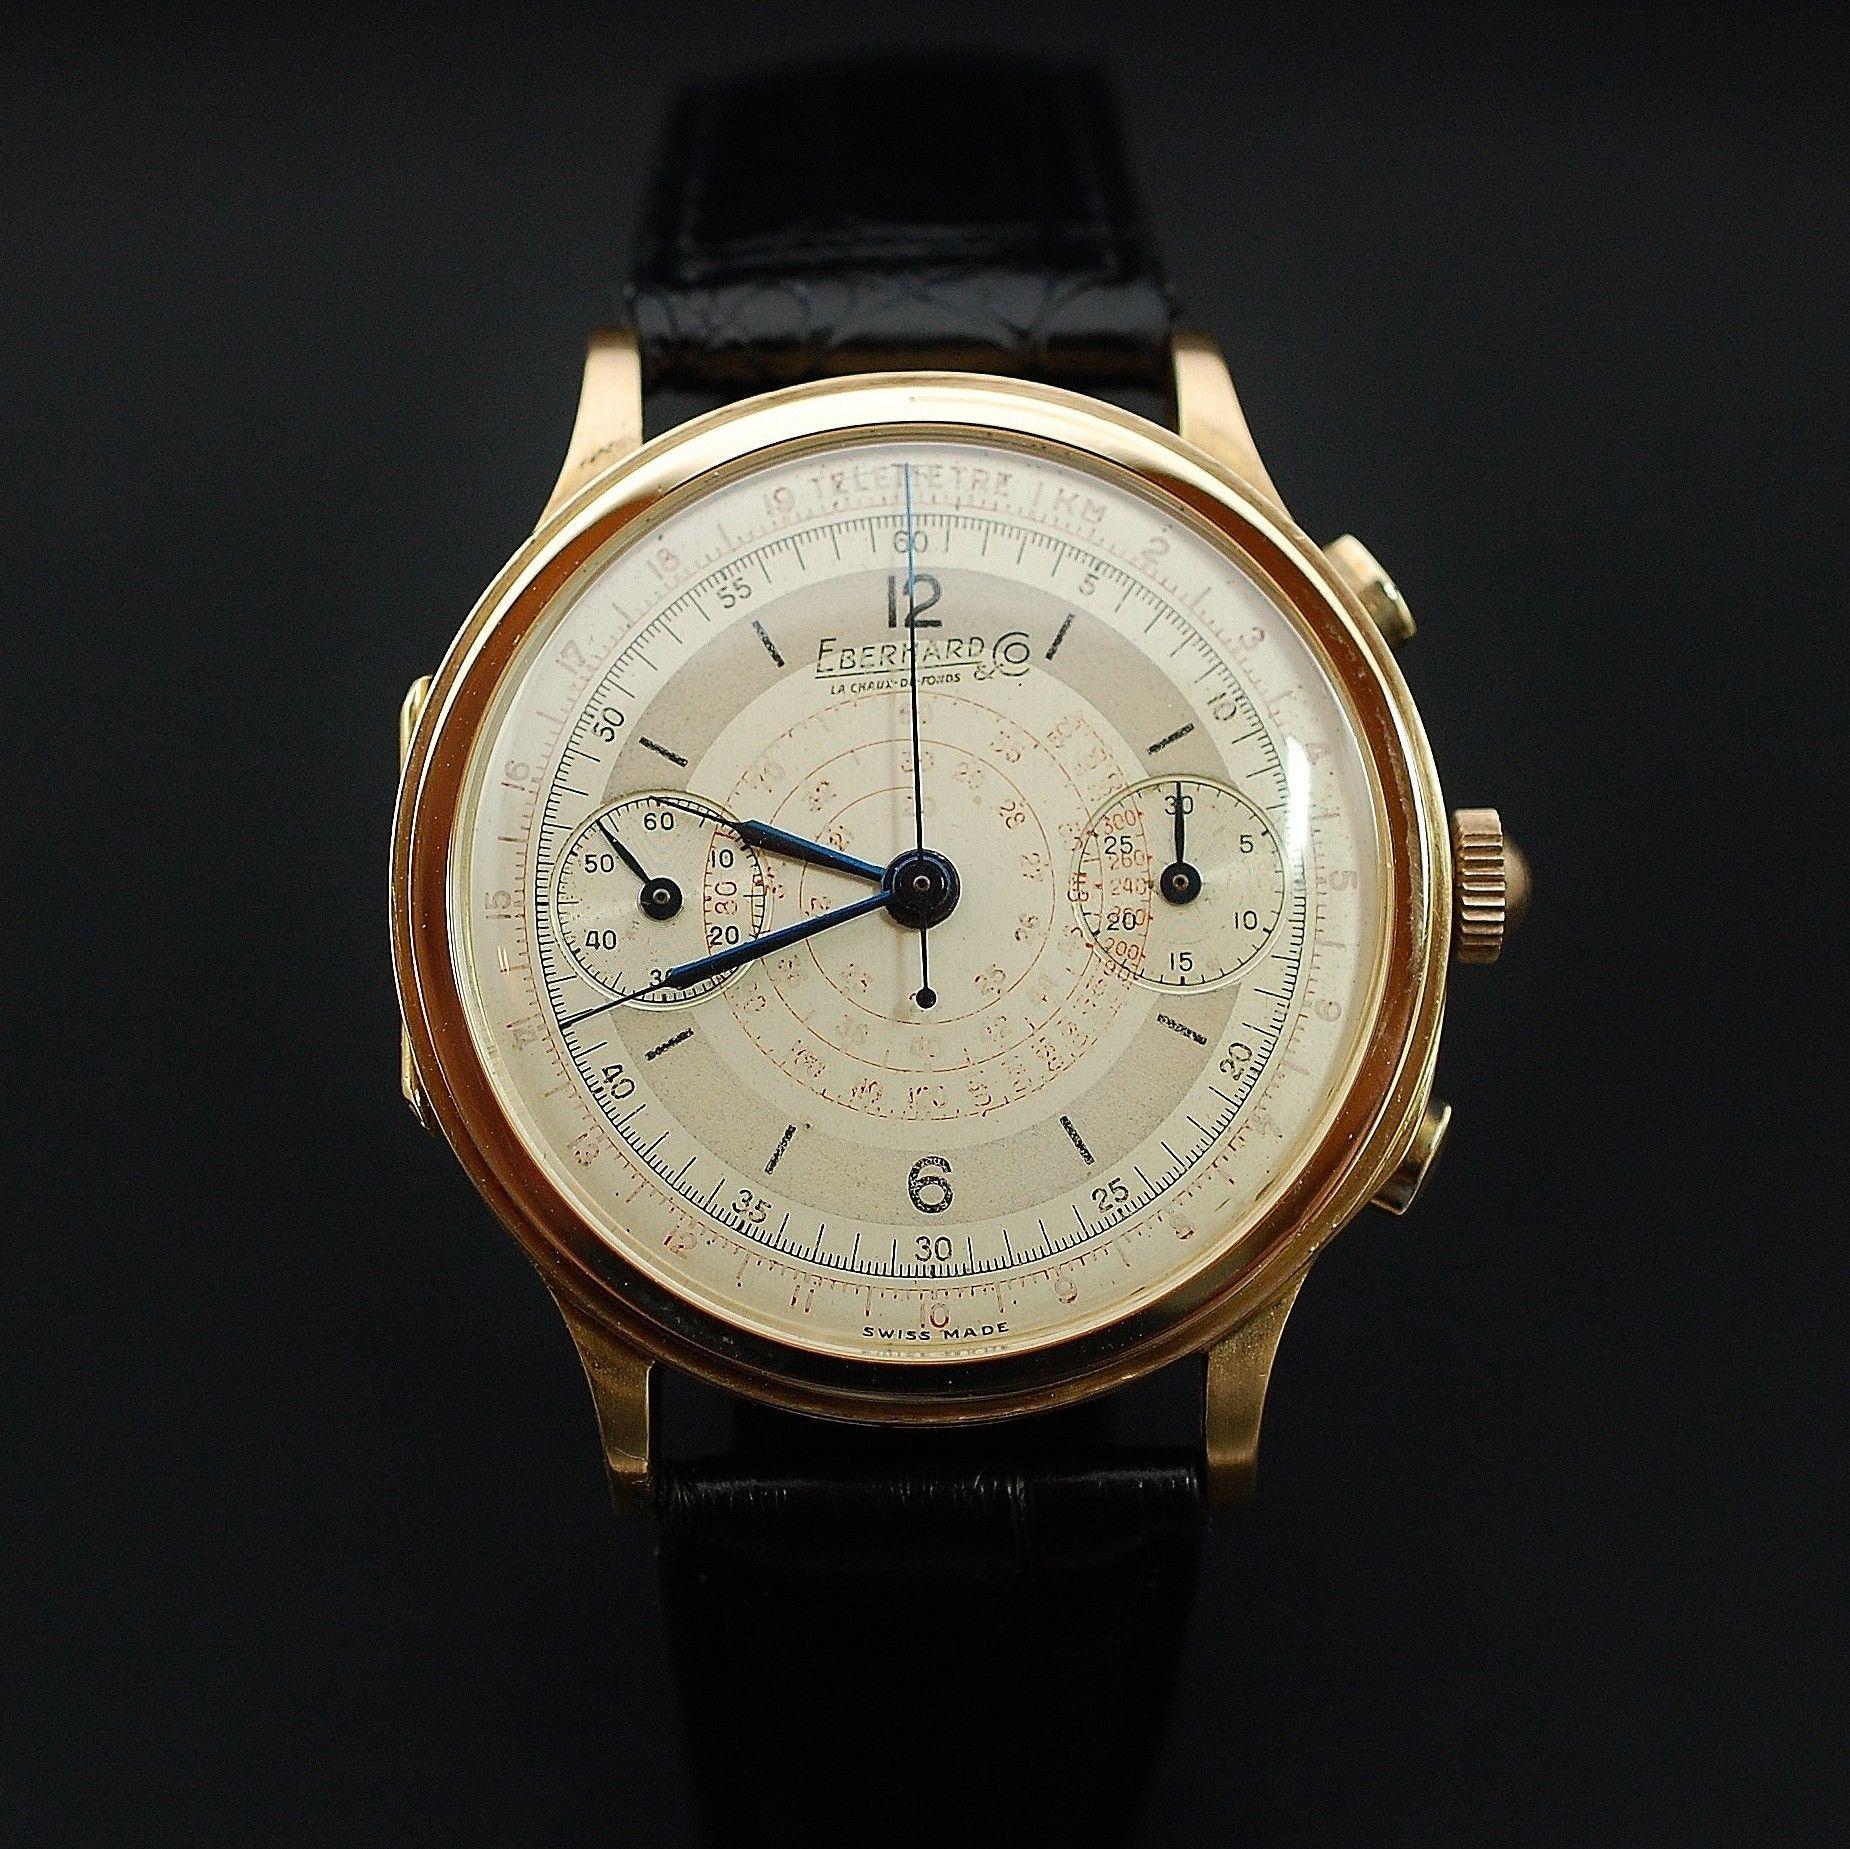 Montre Casio Couleur Or destiné à vendre : 4800€ montre eberhard vintage chronographe mono poussoir